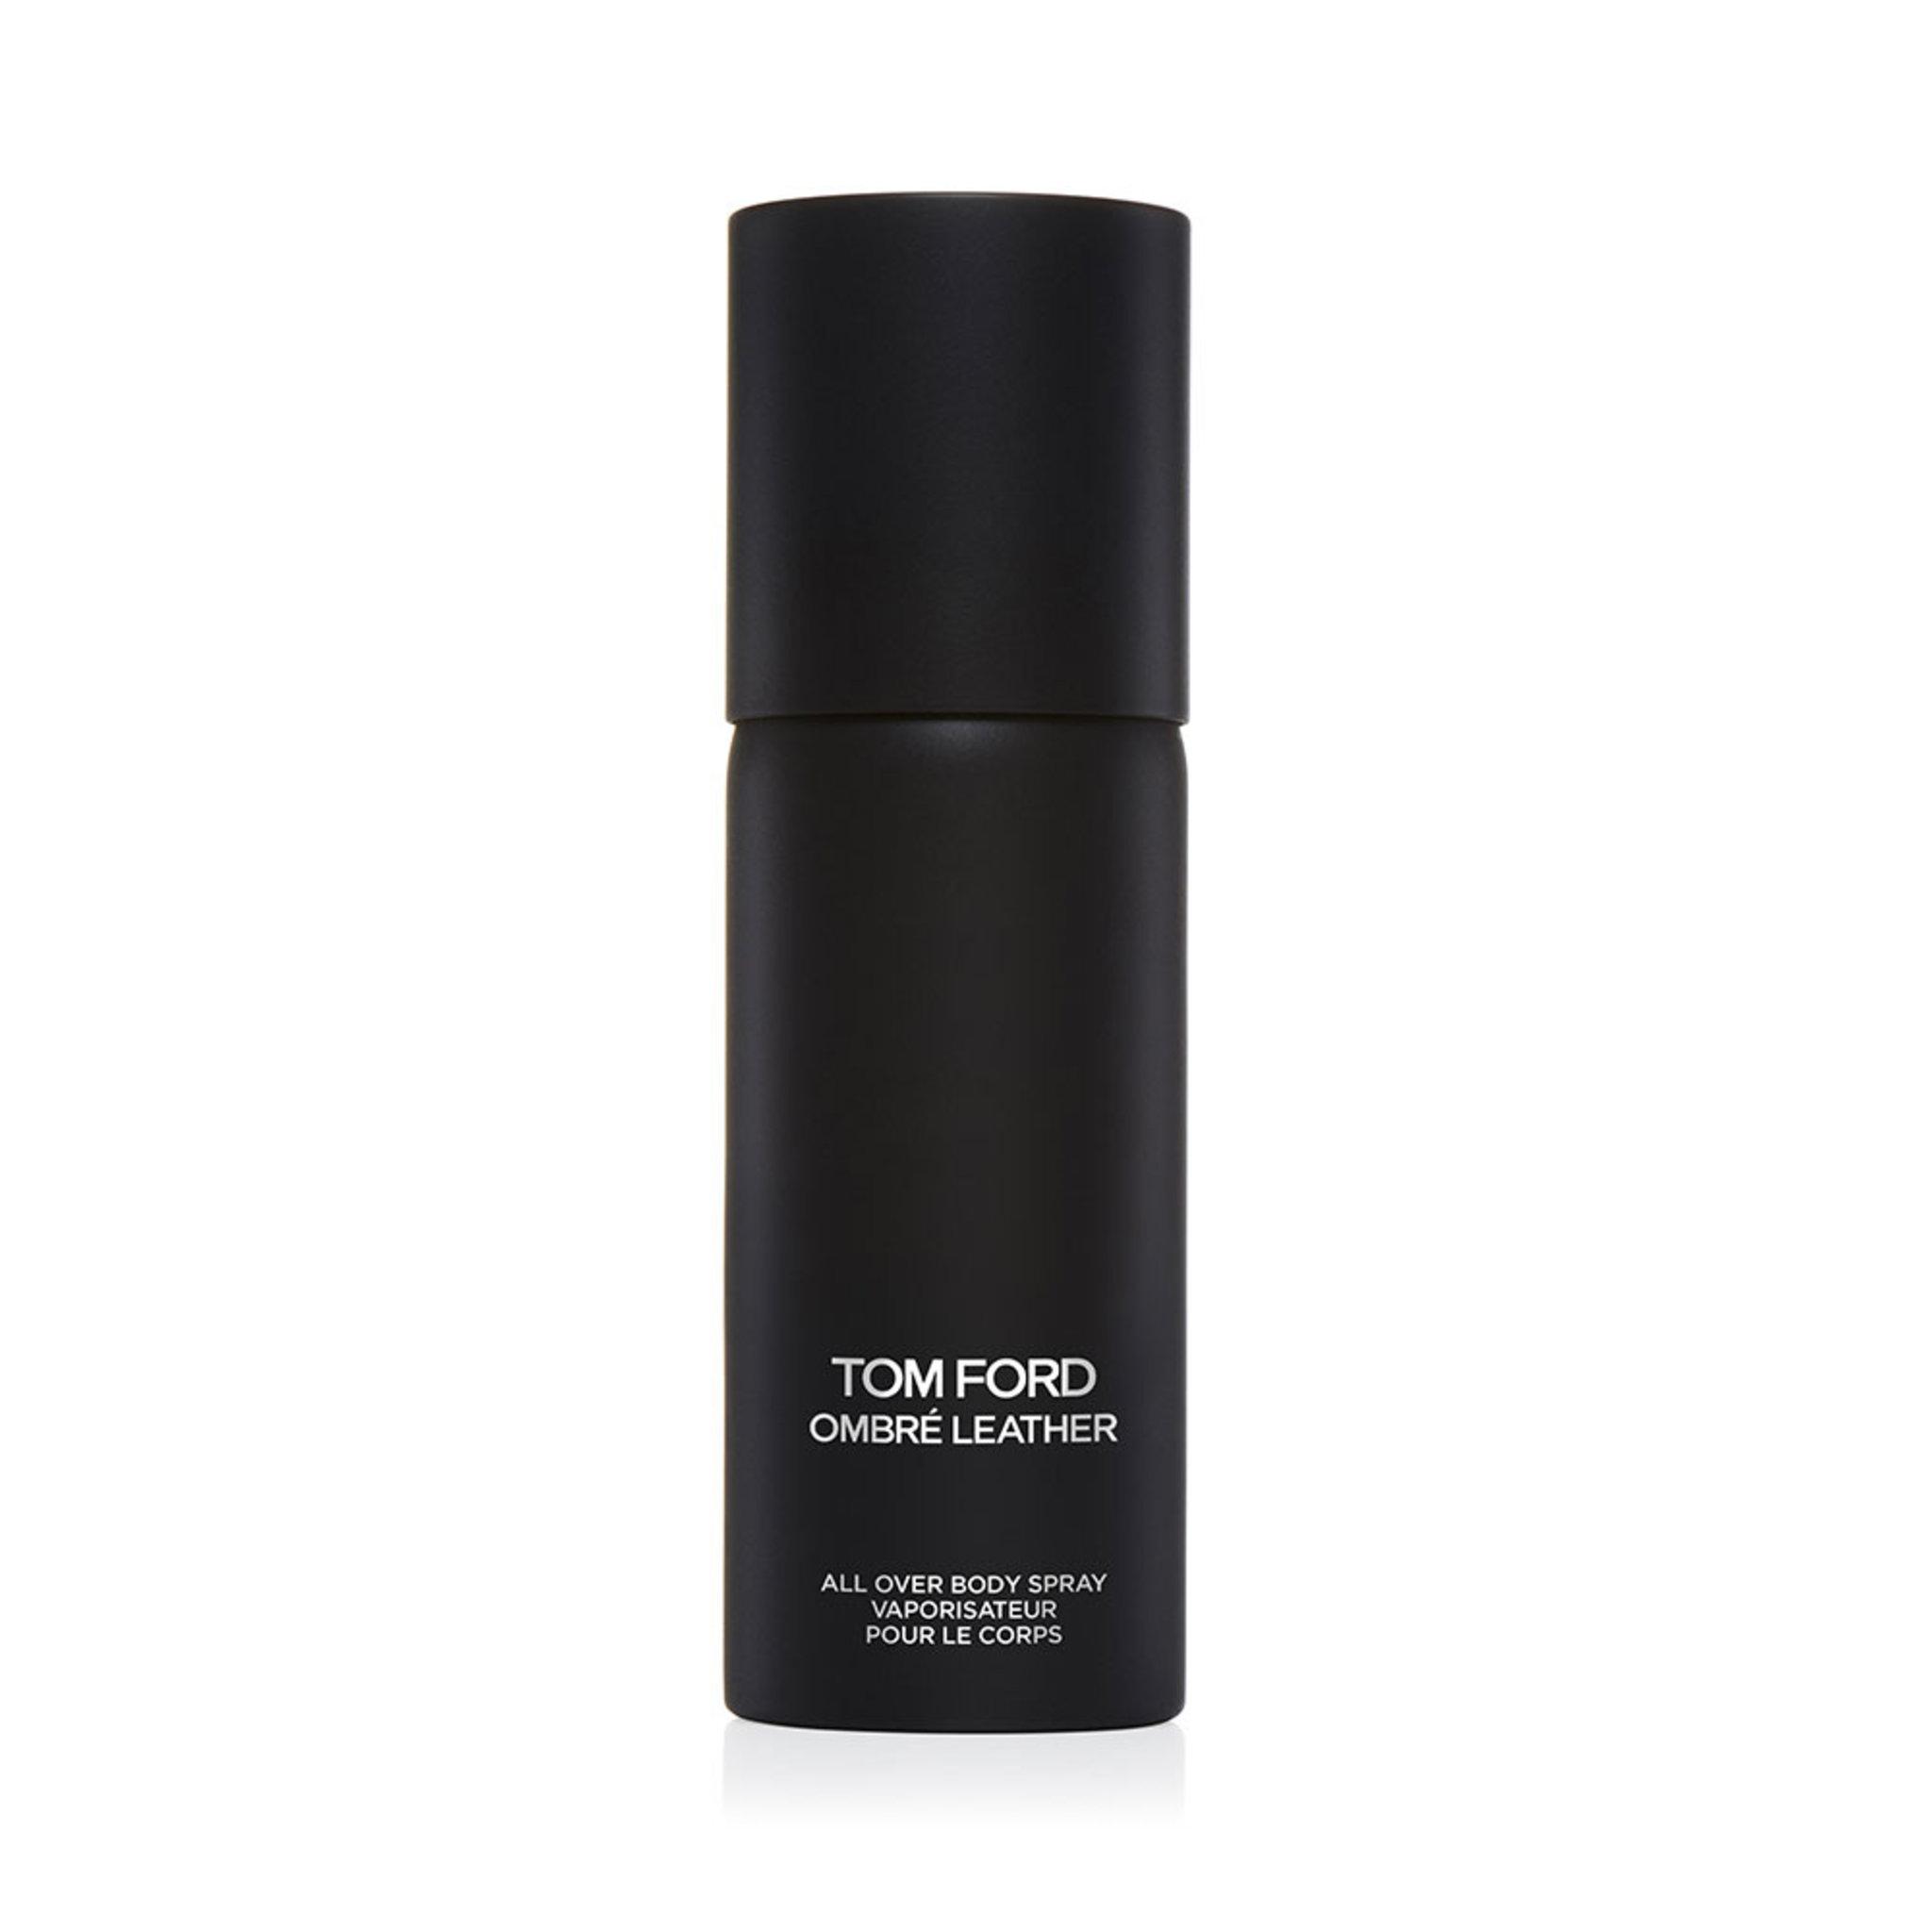 Ombré Leather All Over Body Spray, 150 ML